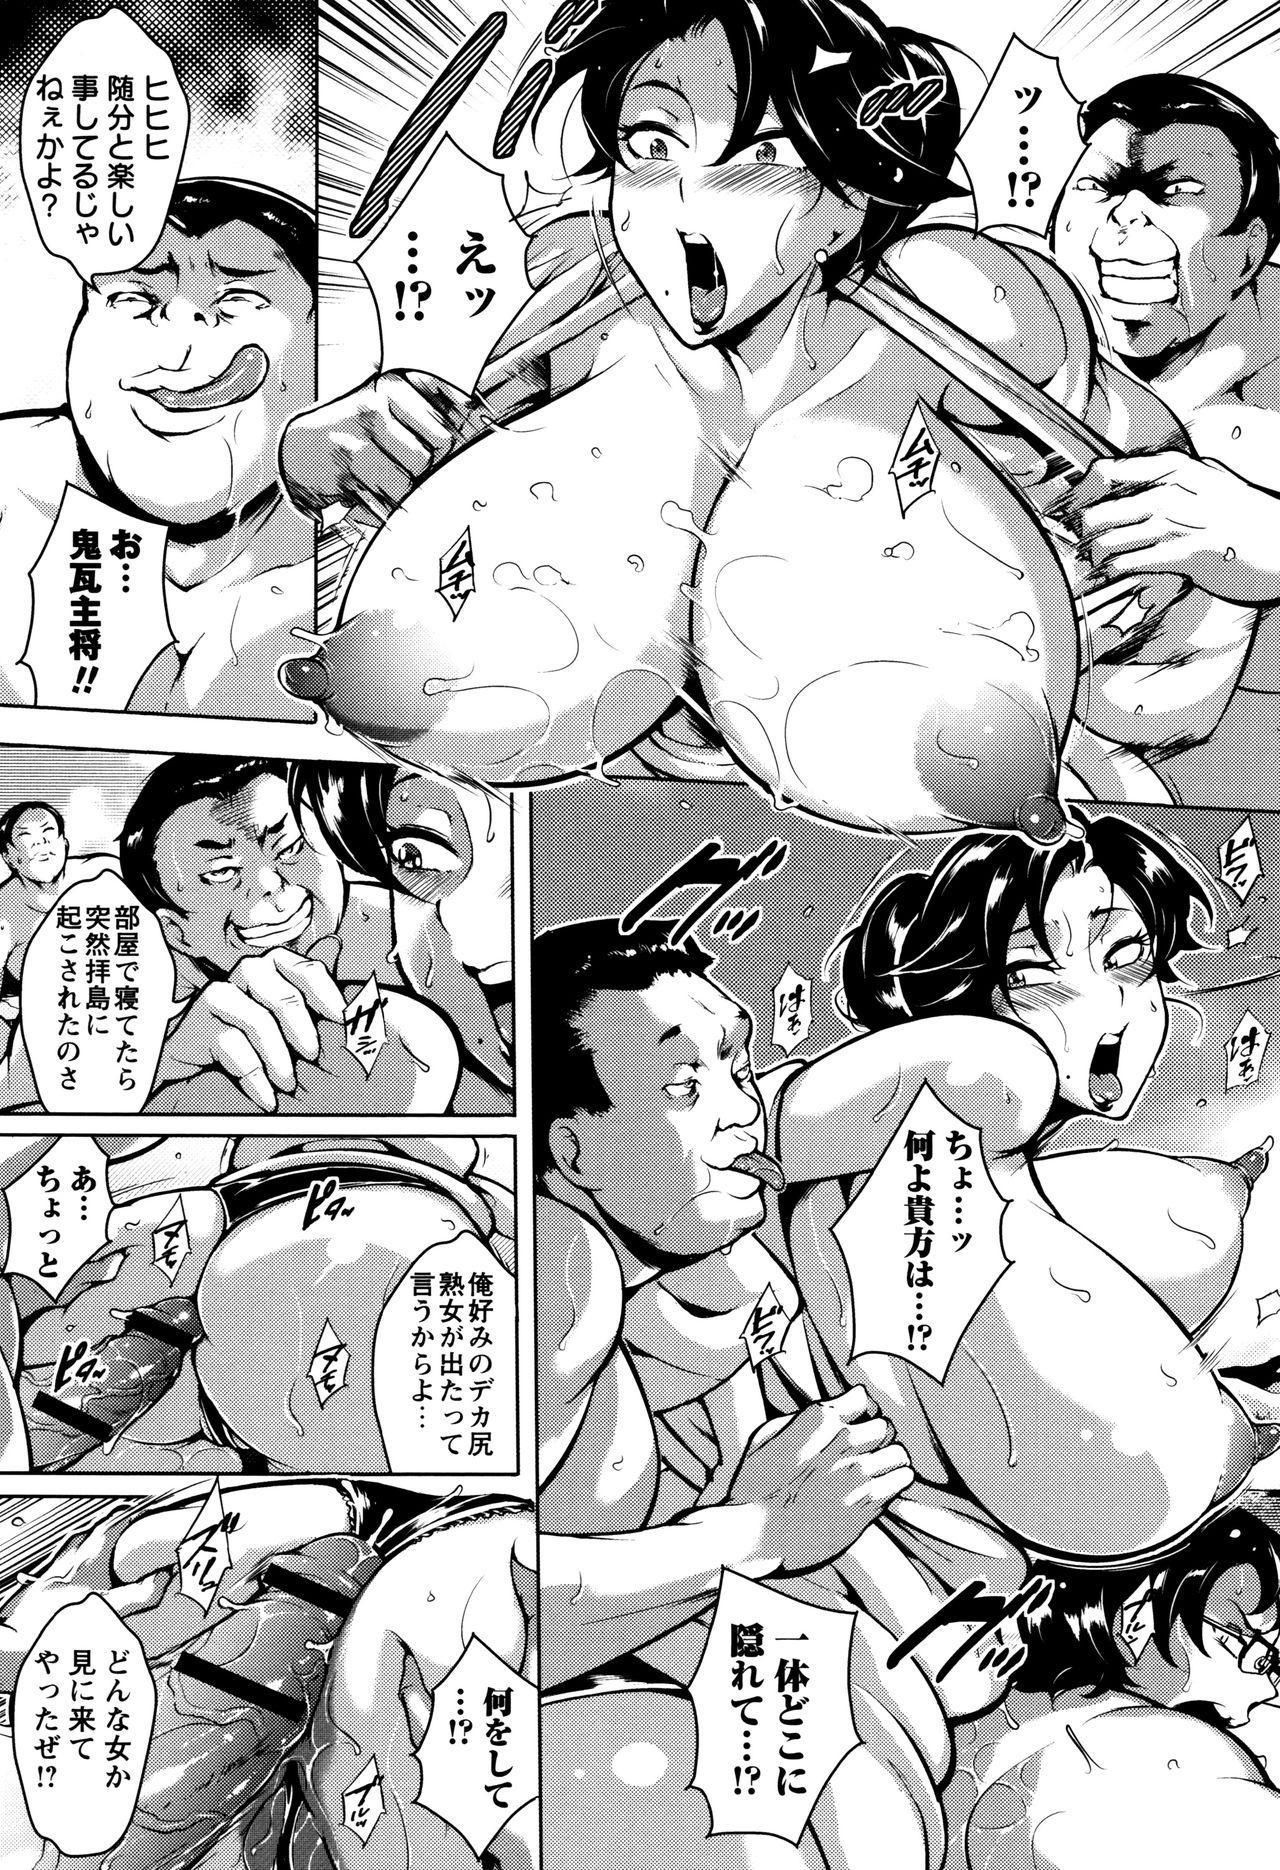 Ero BBA ♥ Dosukebe Ha Sengen 74